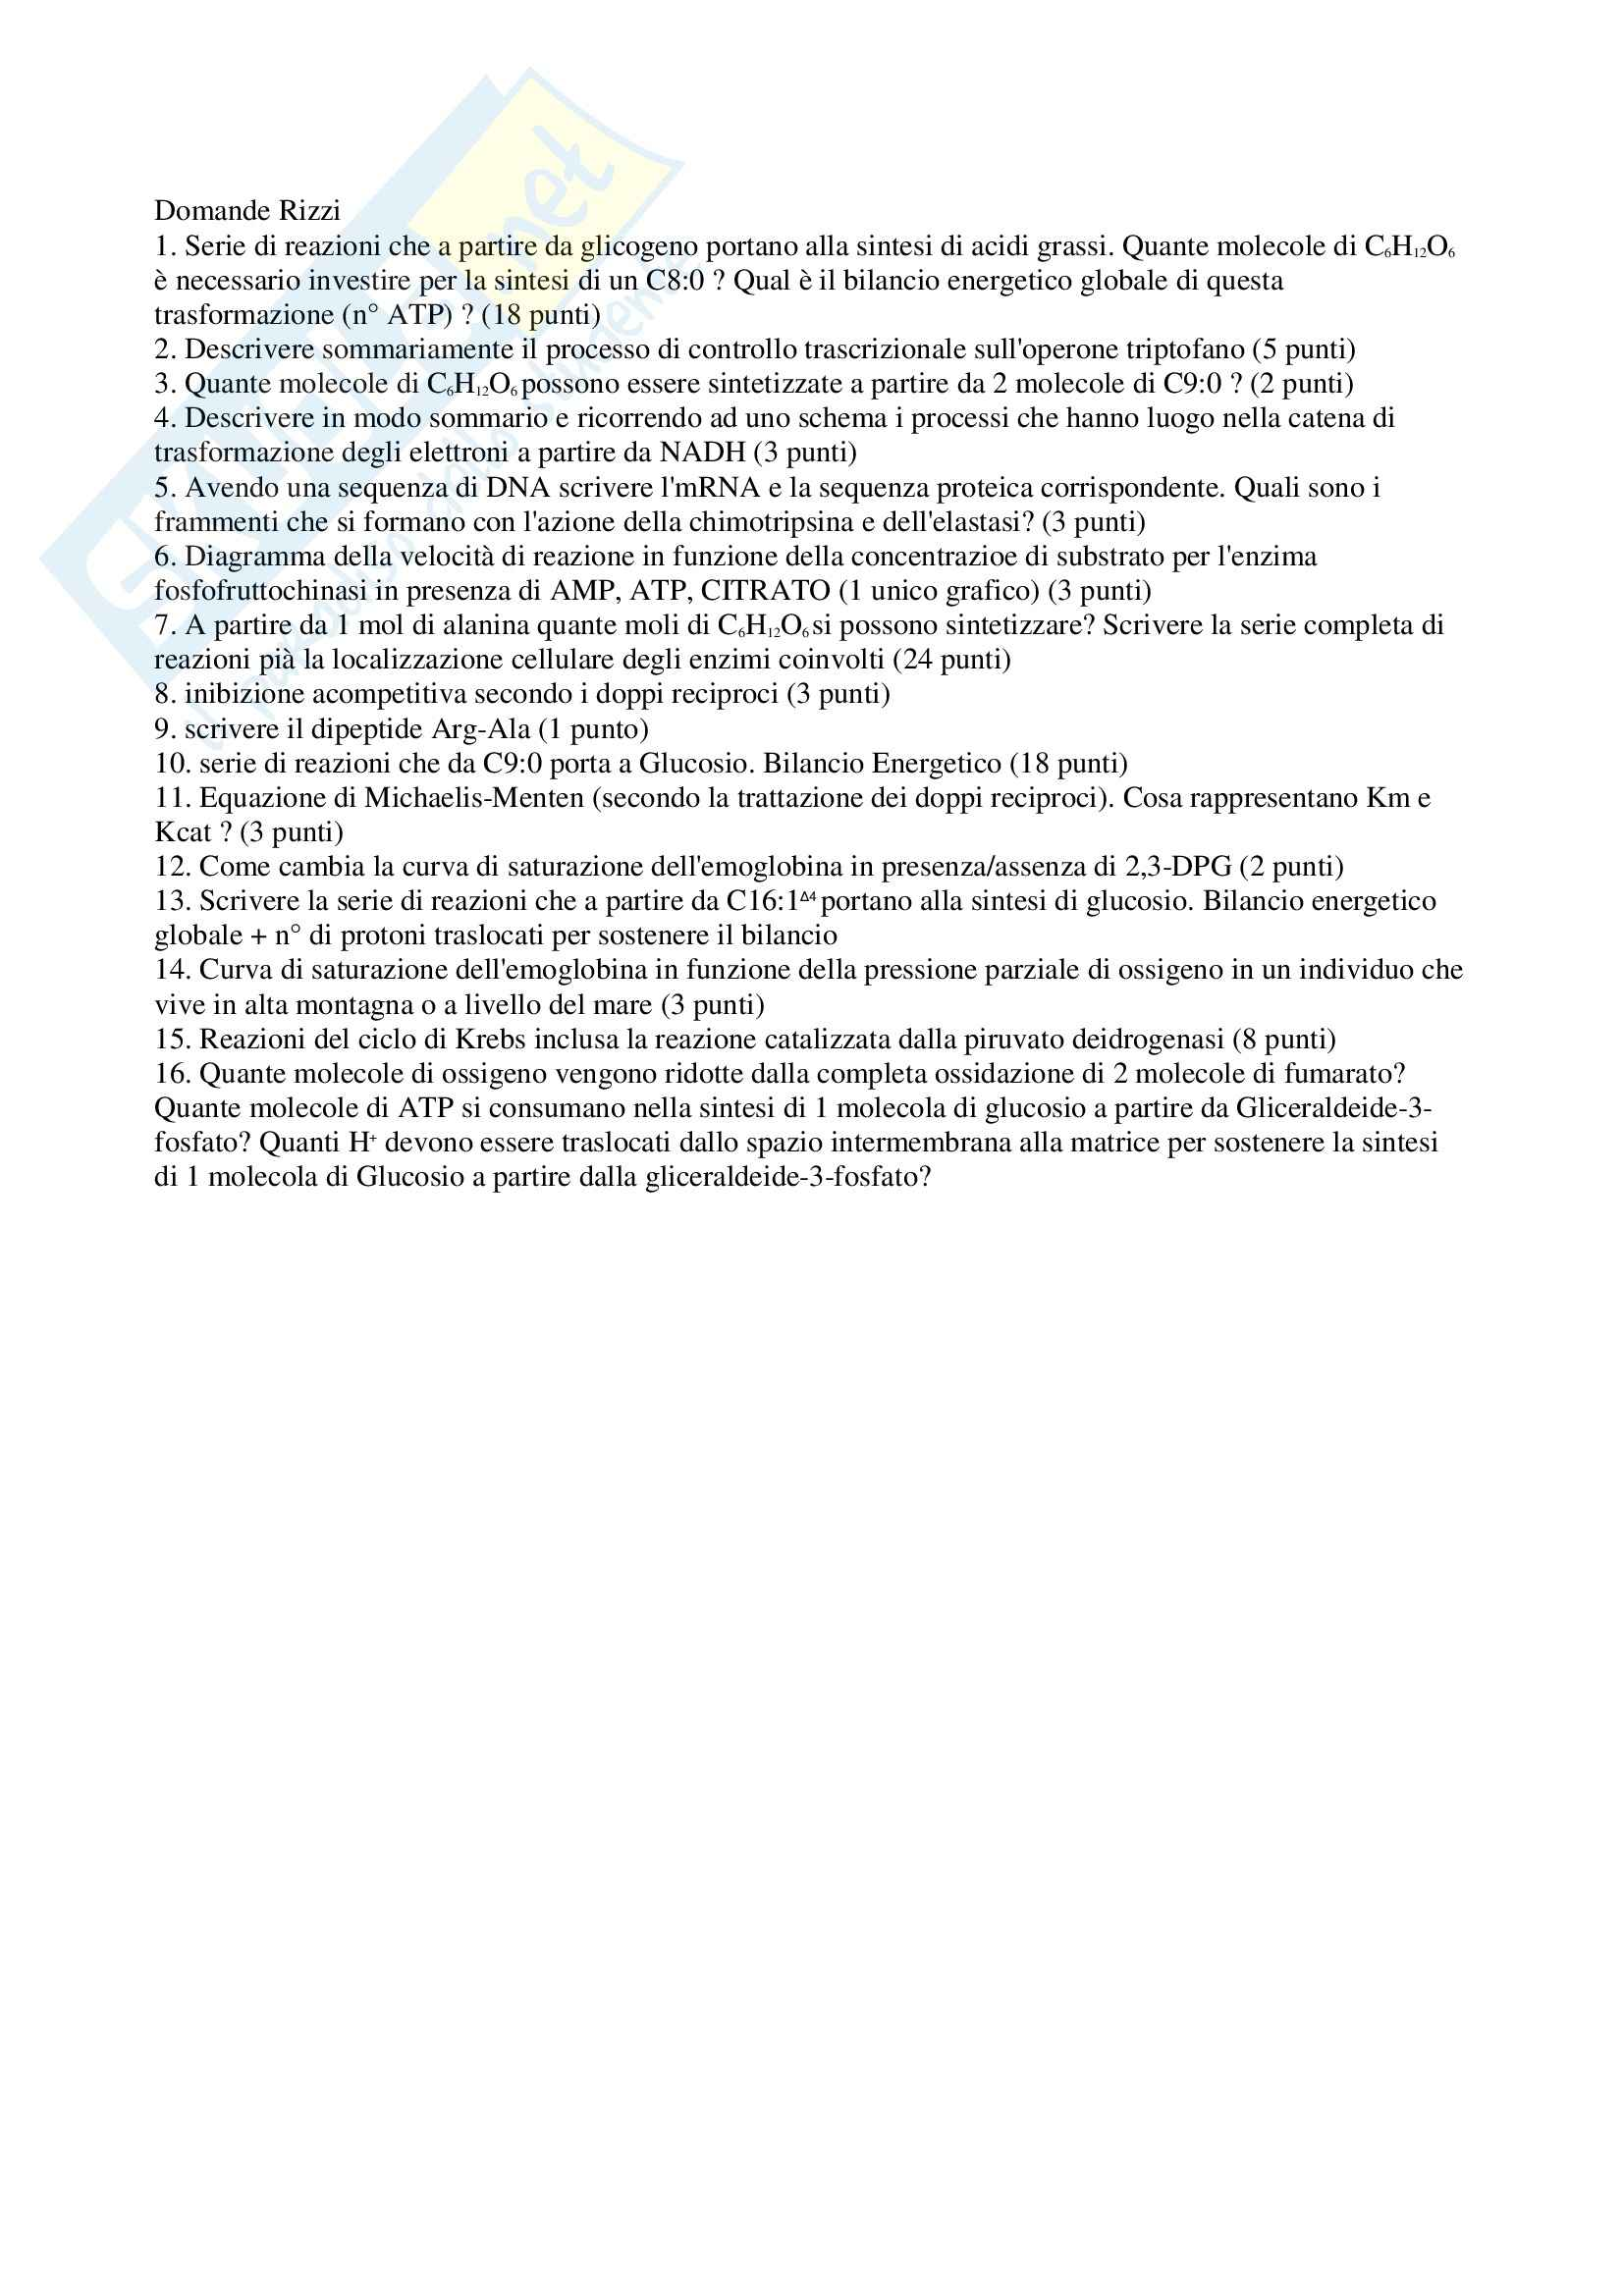 Biochimica applicata - Domande